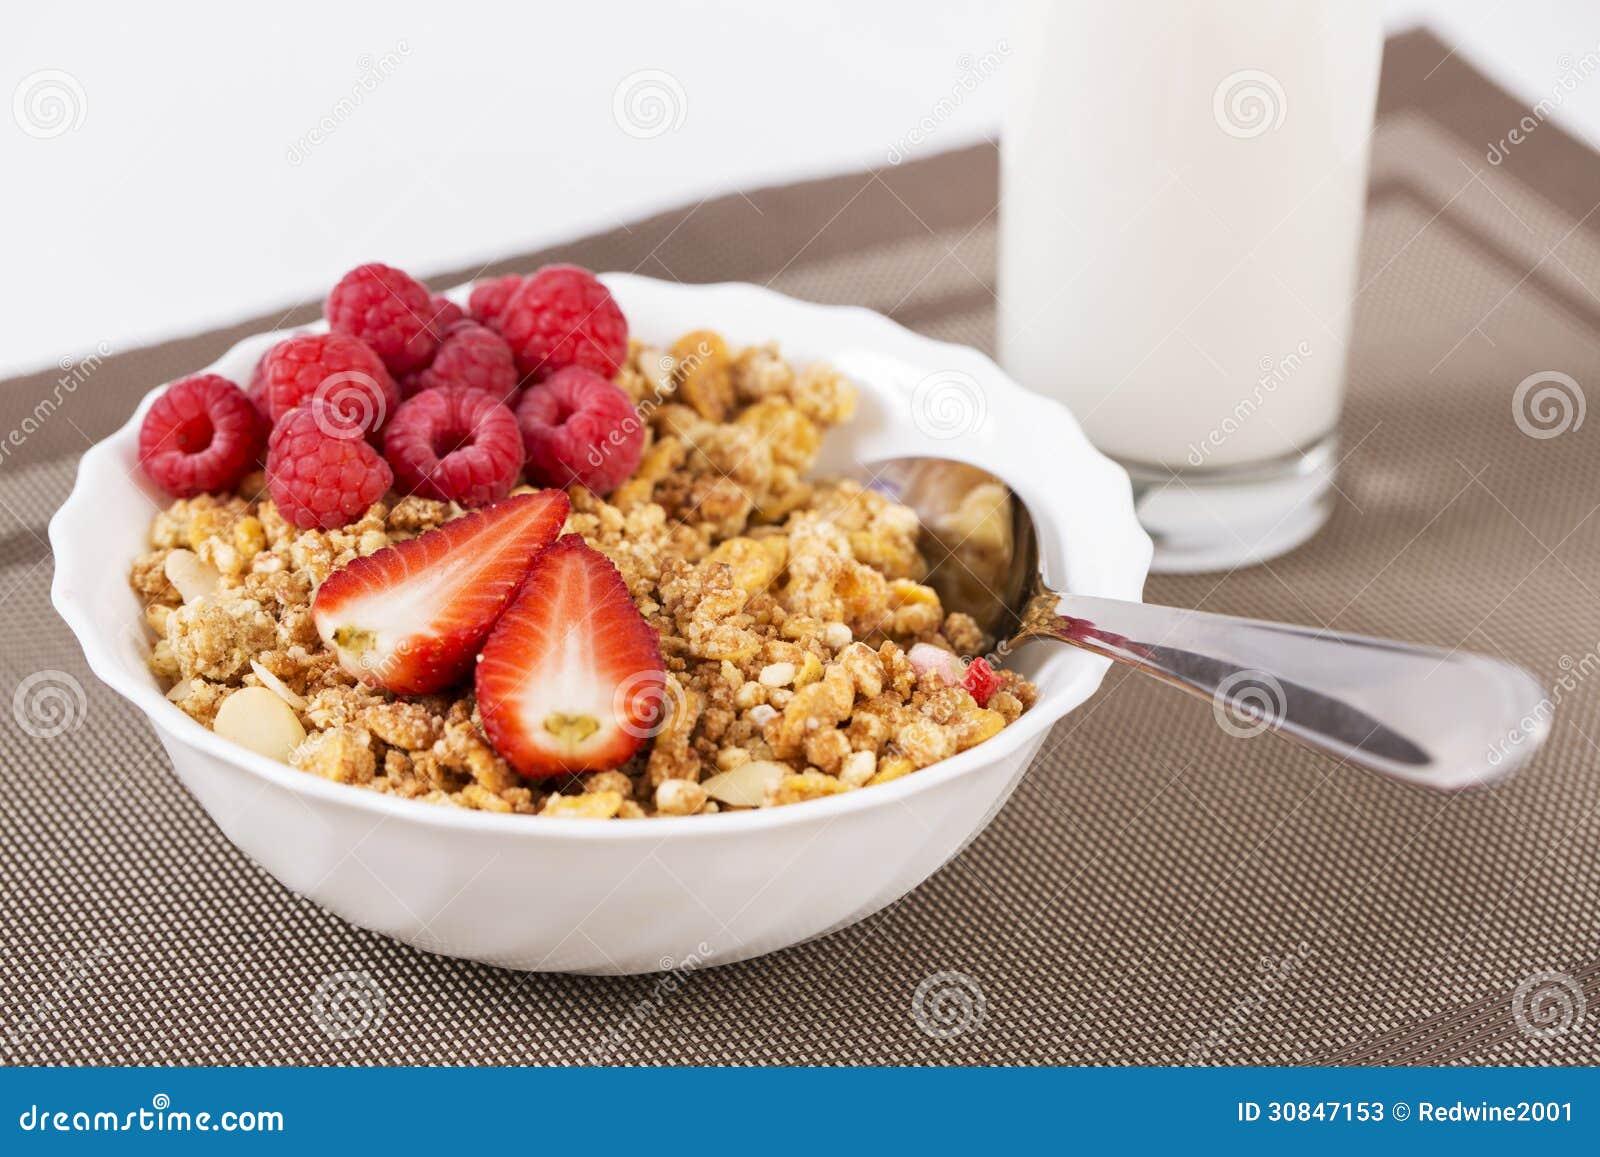 Halfs di berrie sui cereali in ciotola